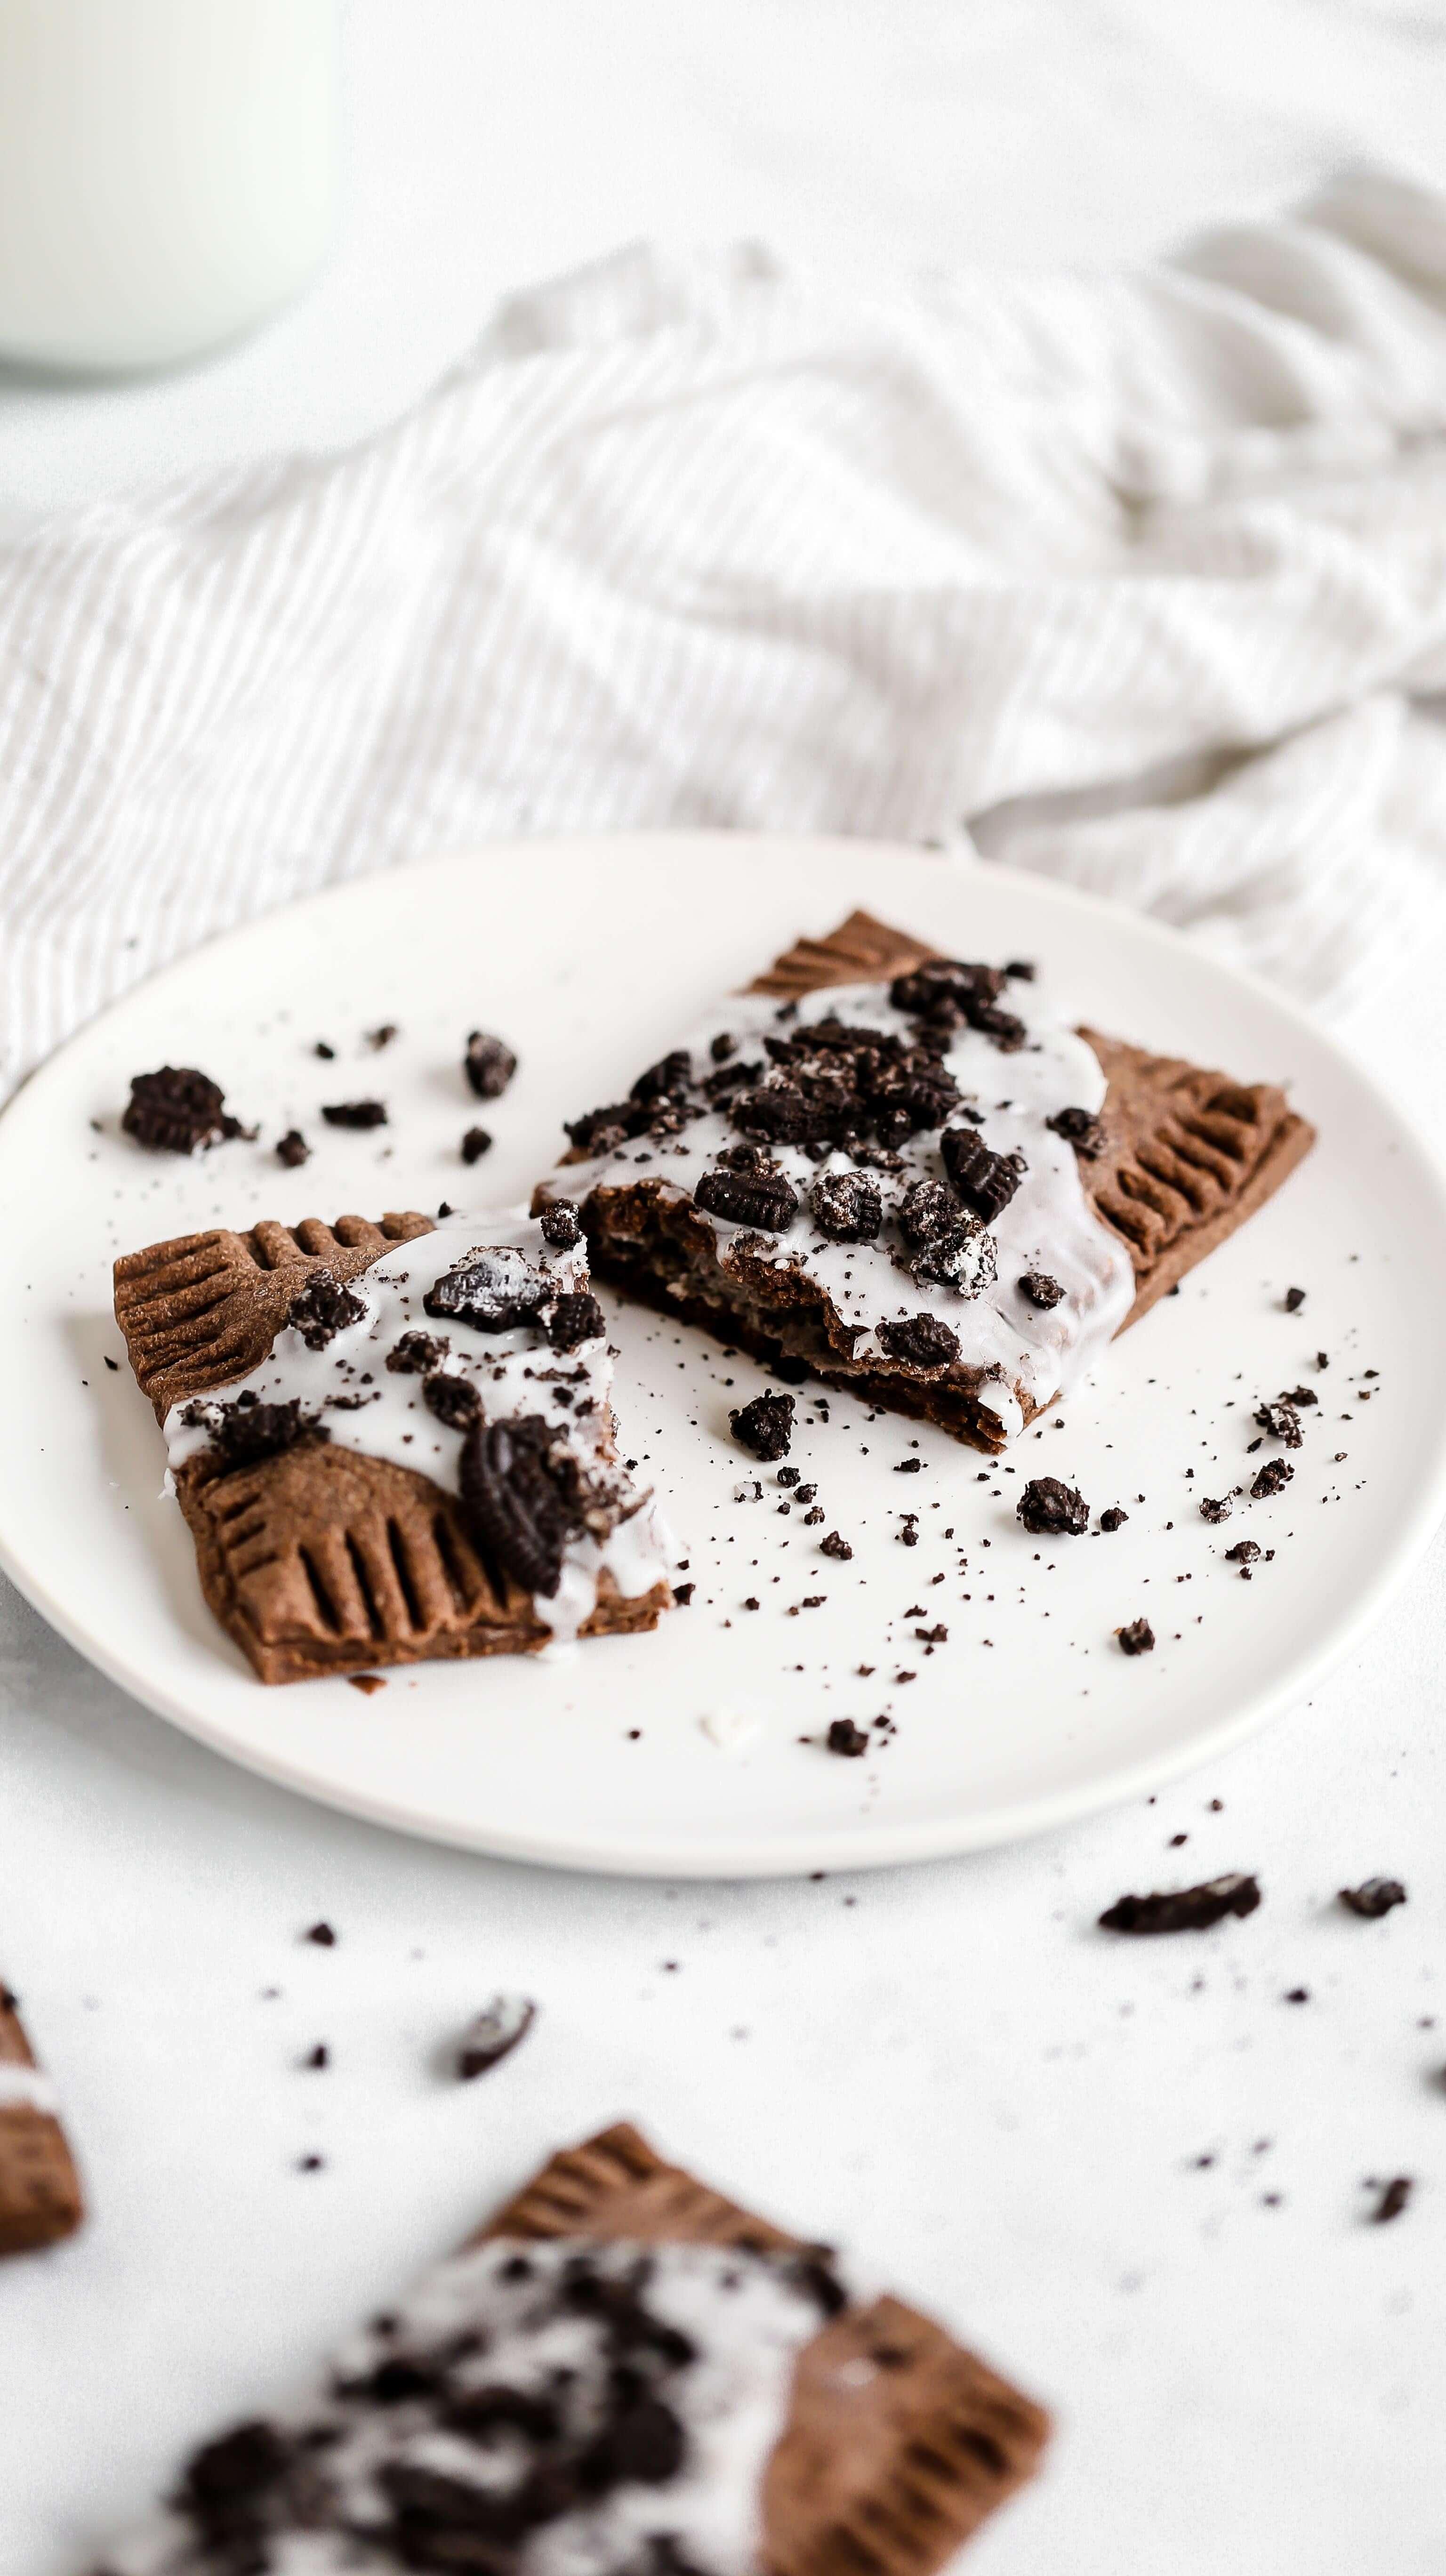 a homemade pop tart on a plate